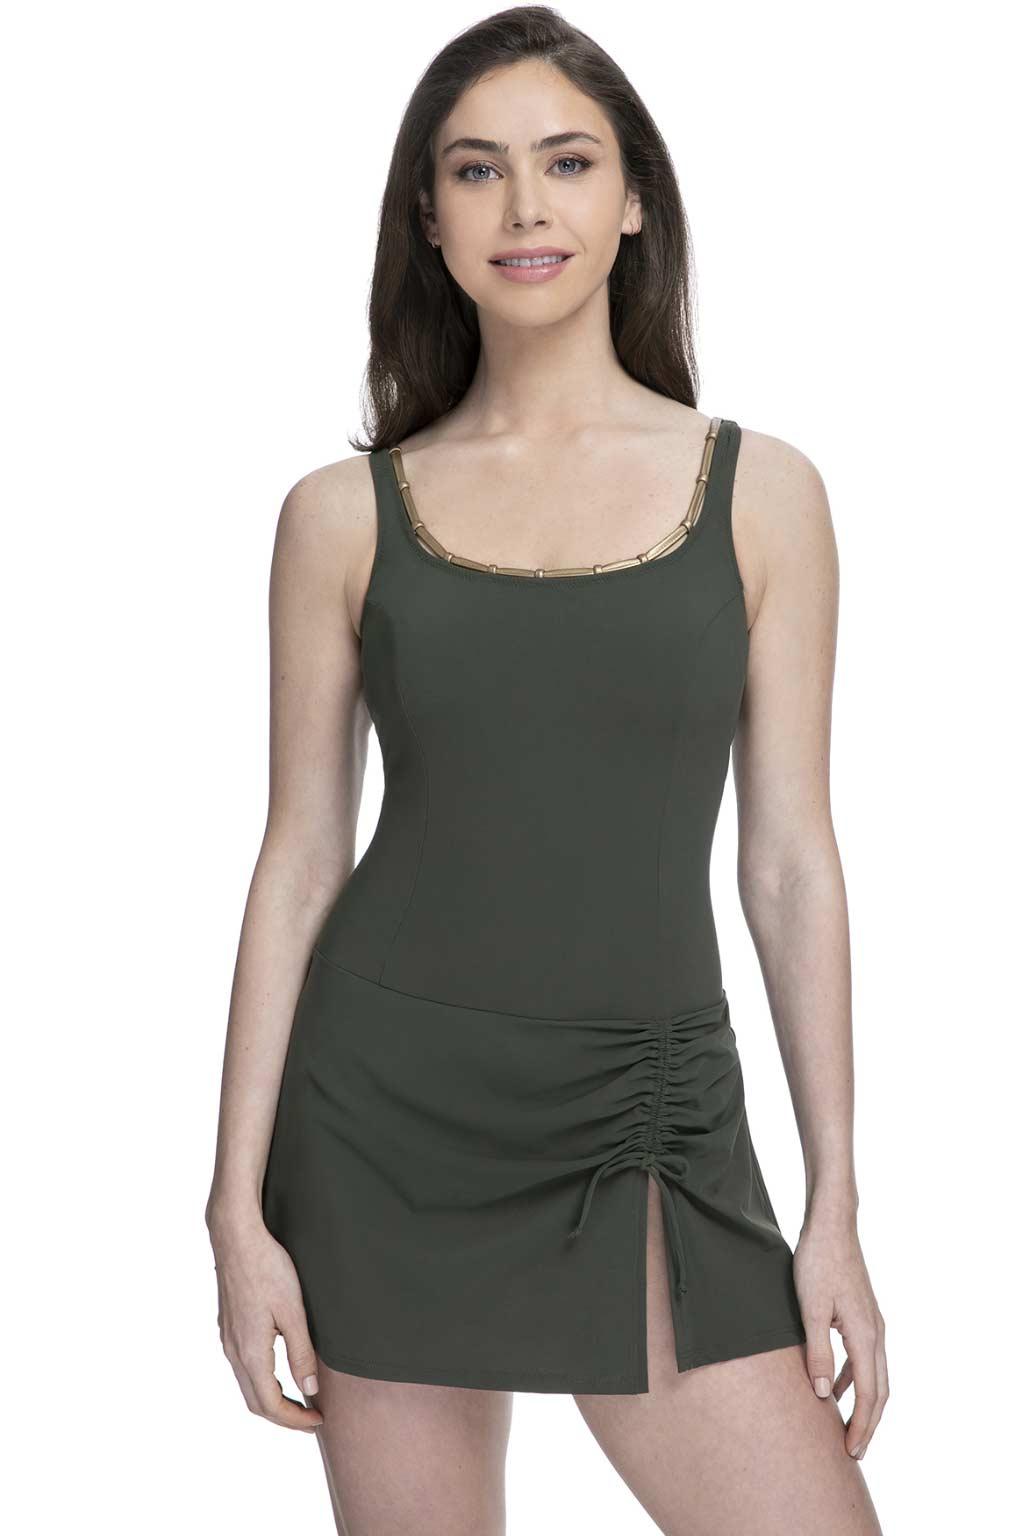 בגד ים שלם Turkiz לנשים - צבע לבחירה